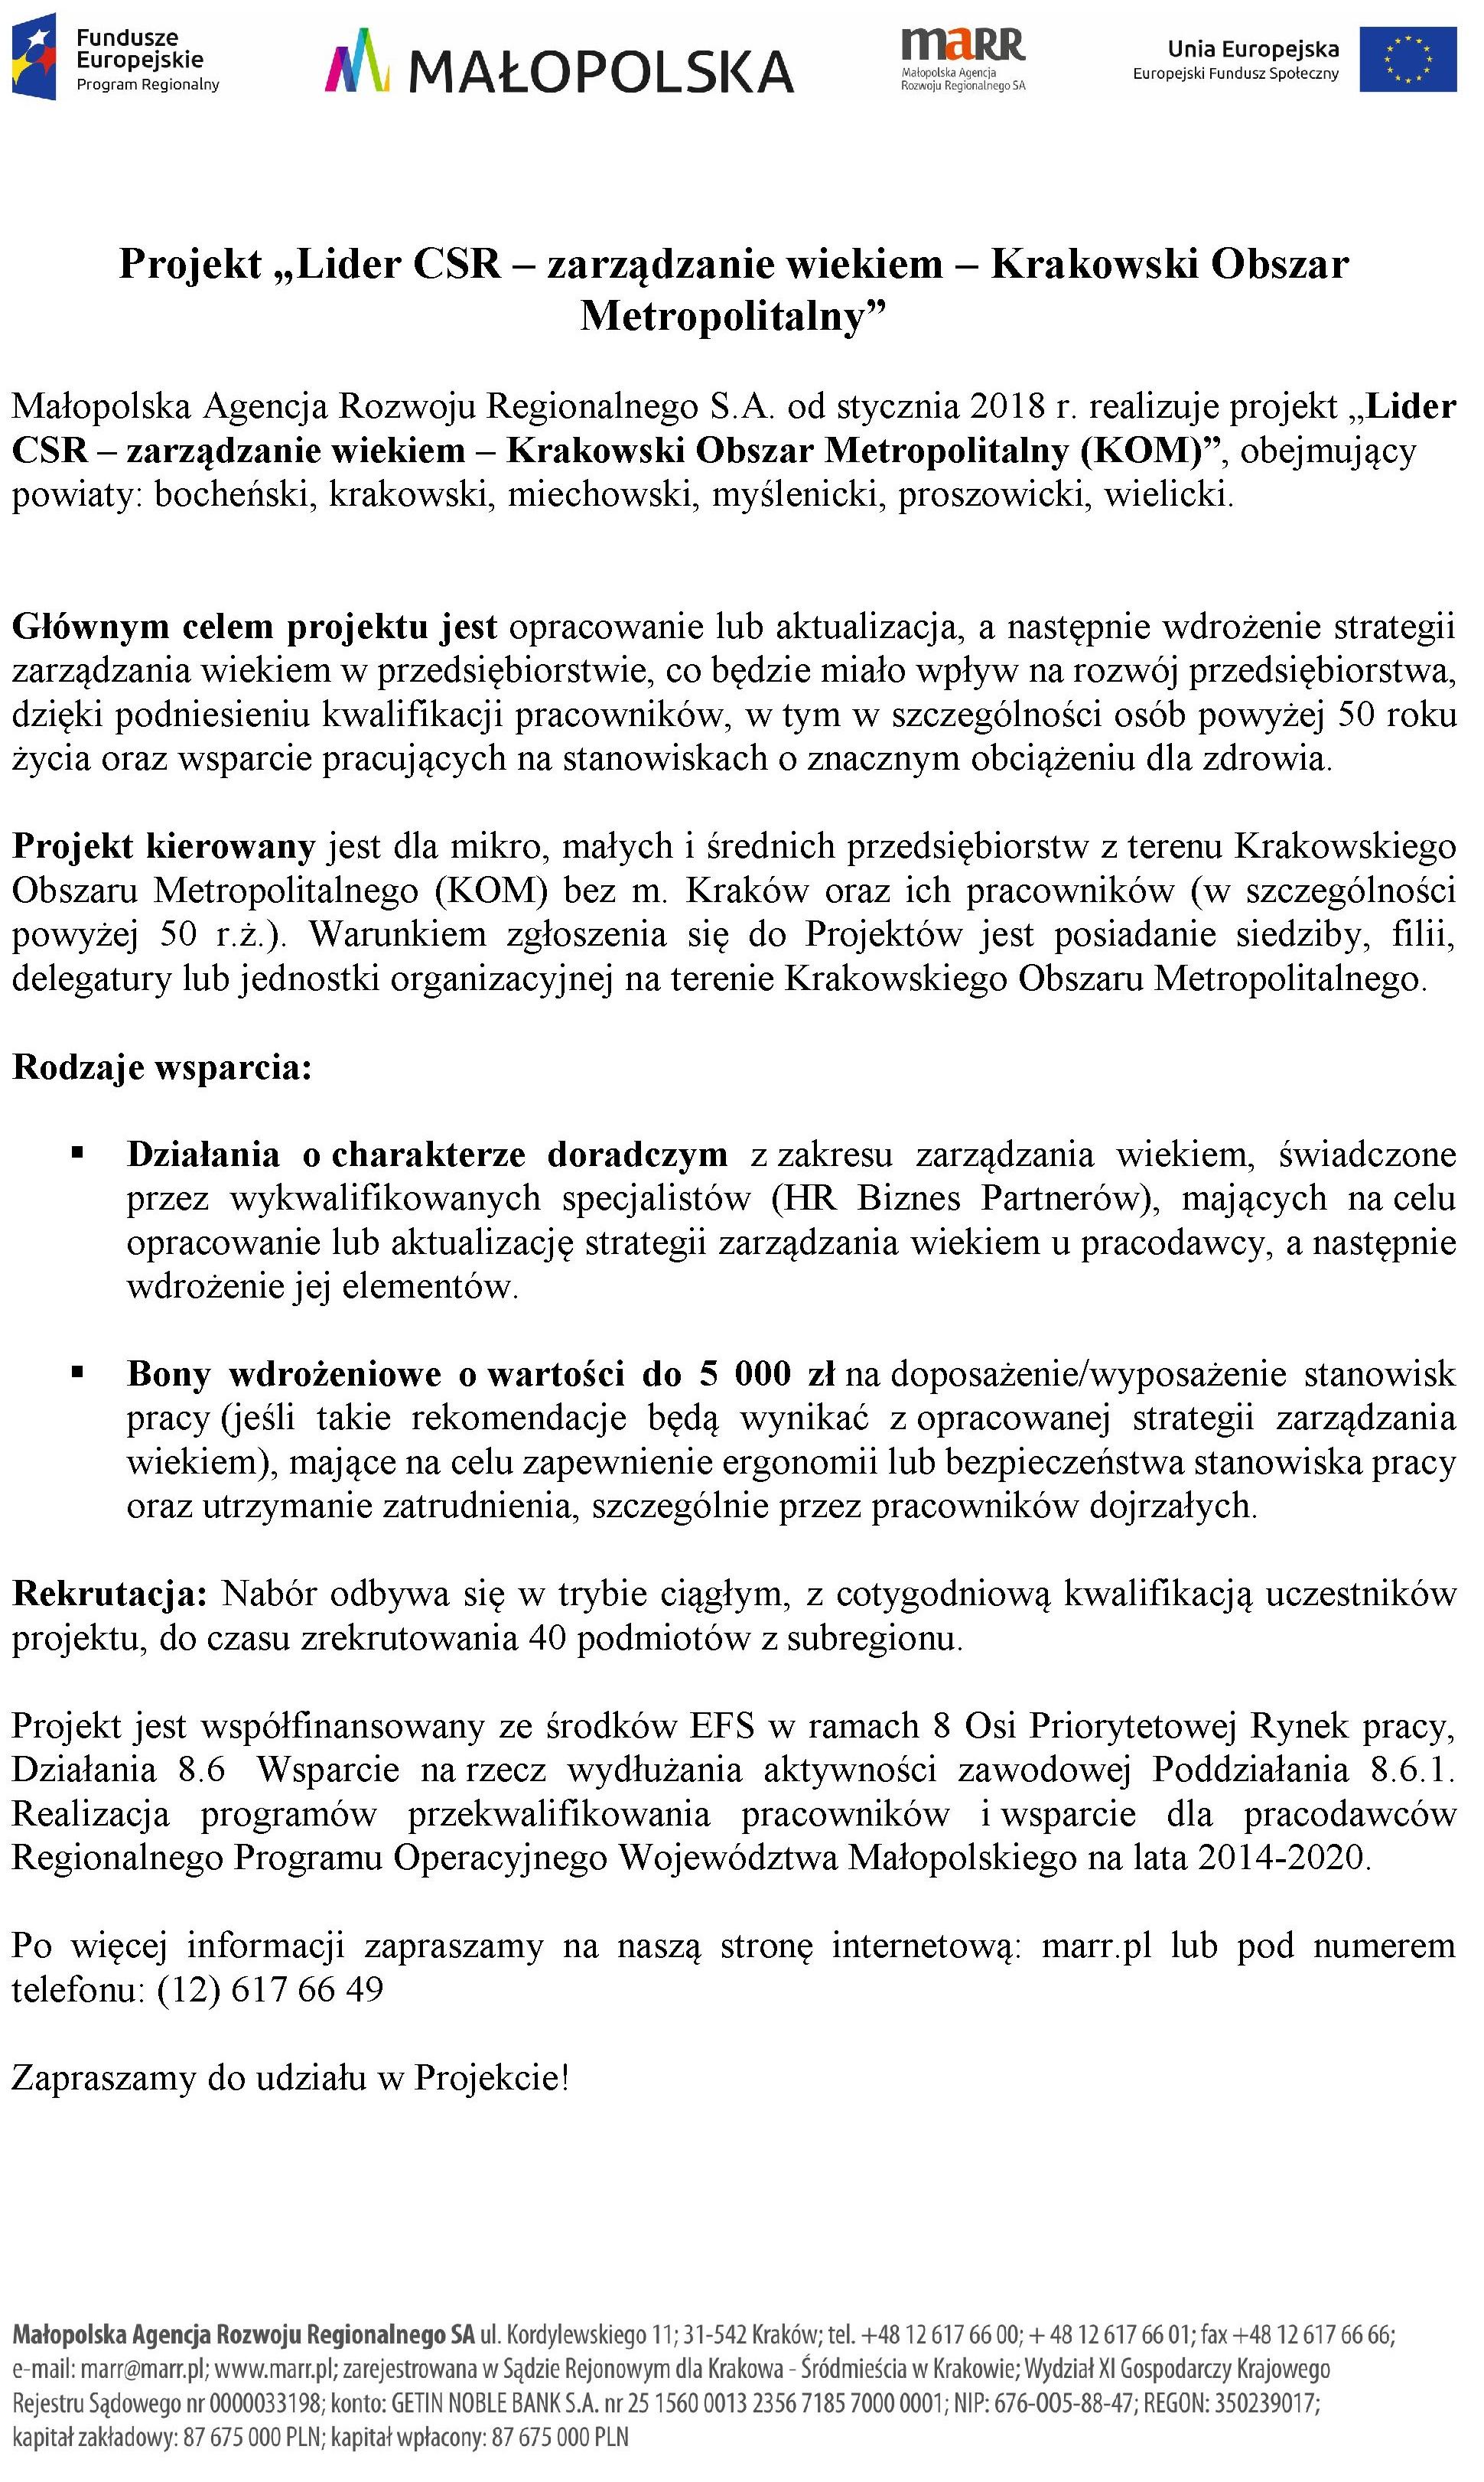 Microsoft Word - info na starą stronę_KOM.docx_5